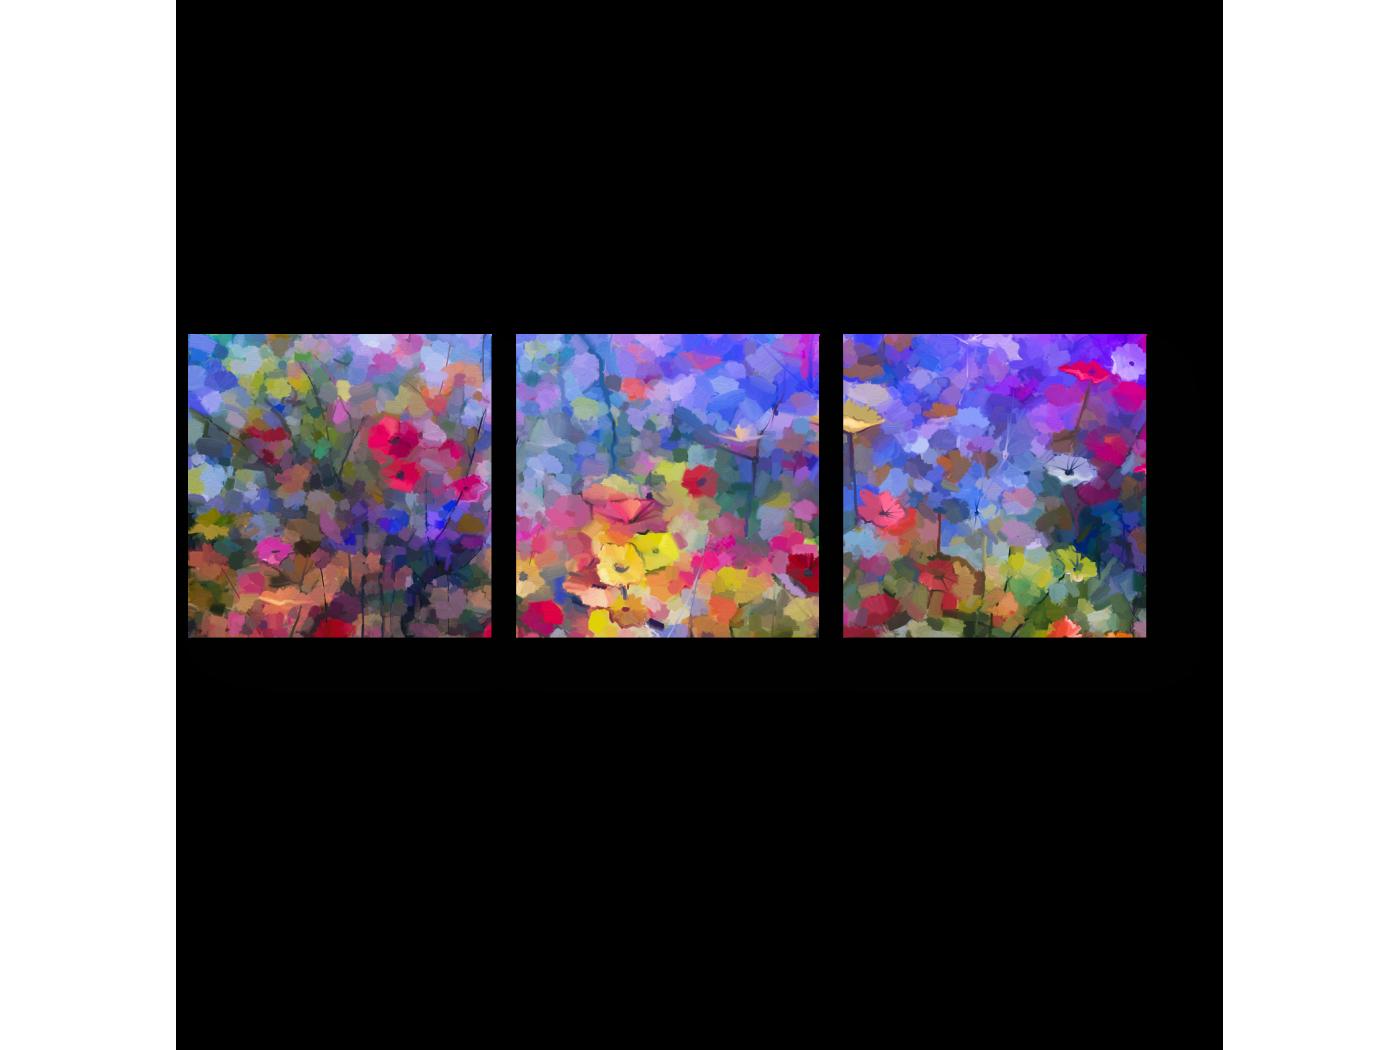 Модульная картина Луговая абстракция (60x20) фото